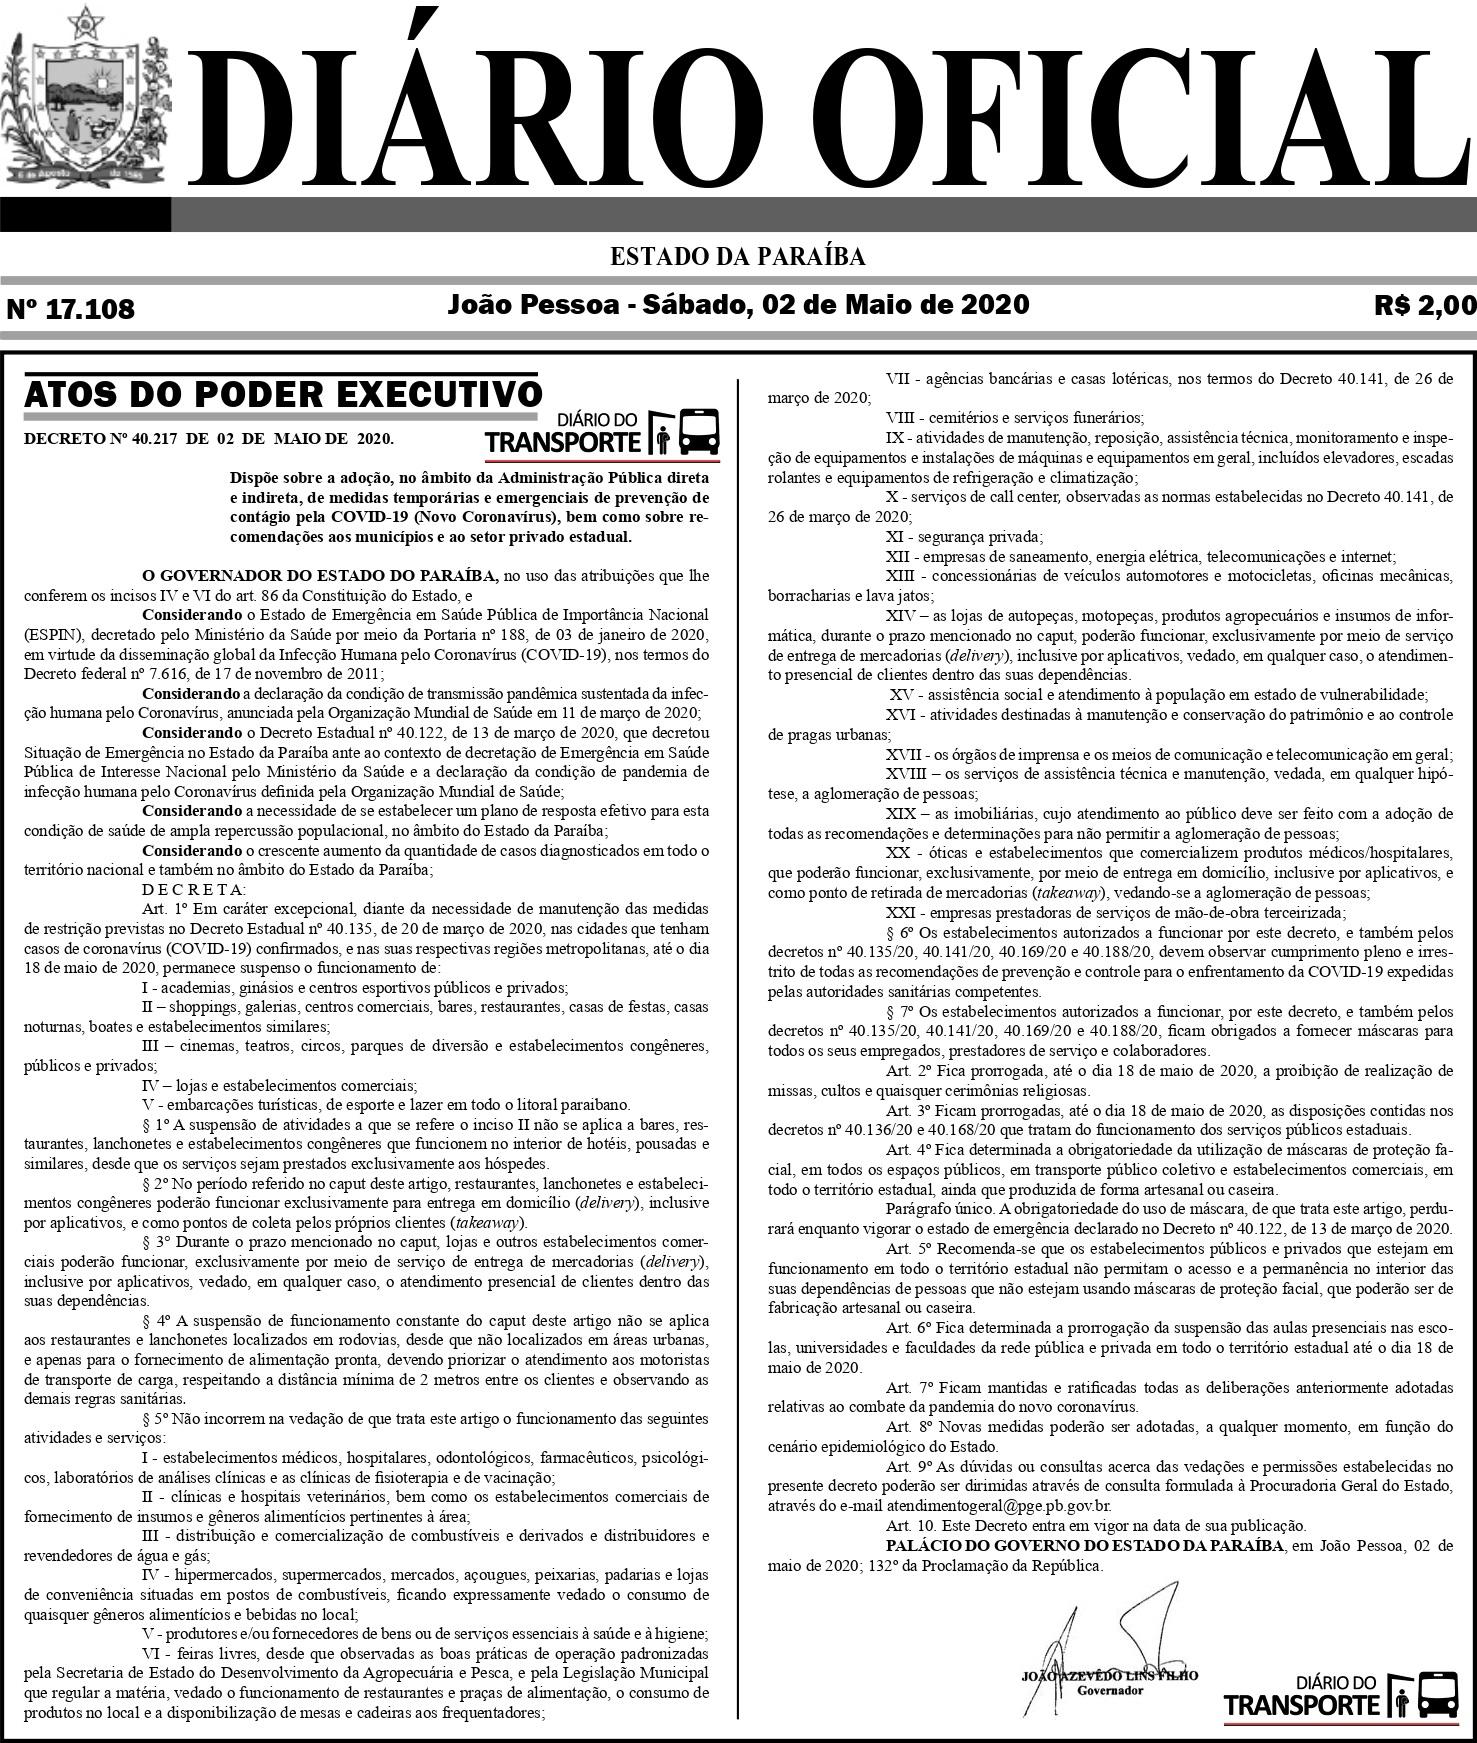 diario-oficial-Paraíba